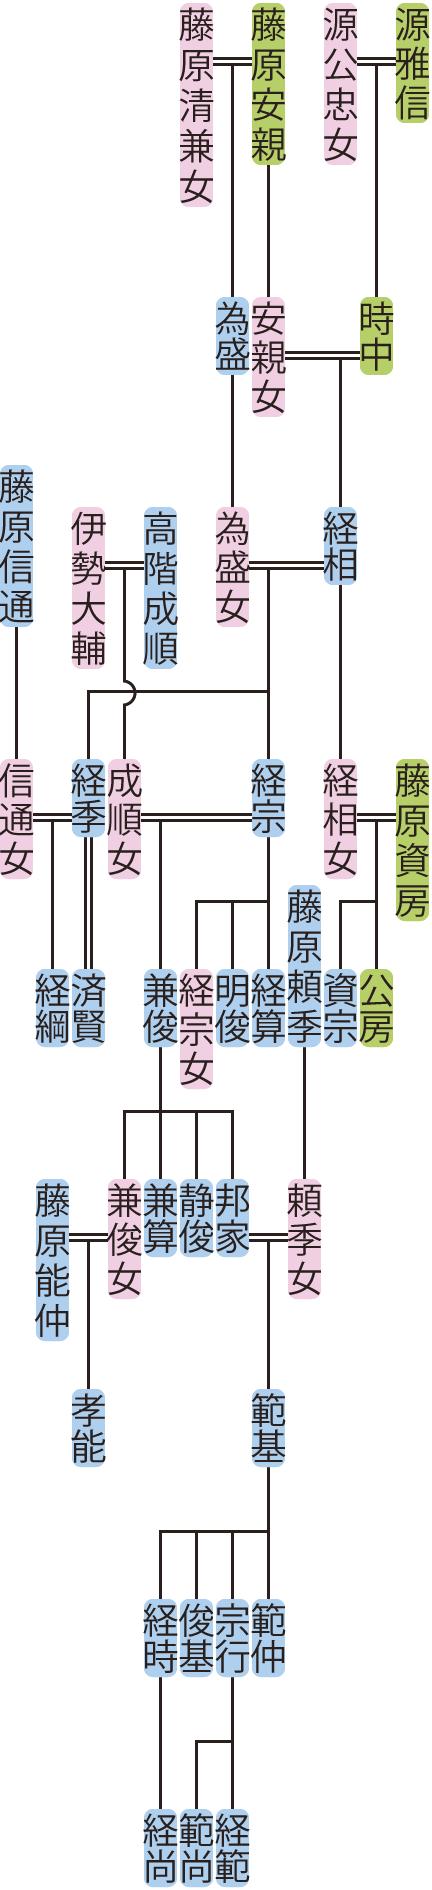 源経相~範基の系図